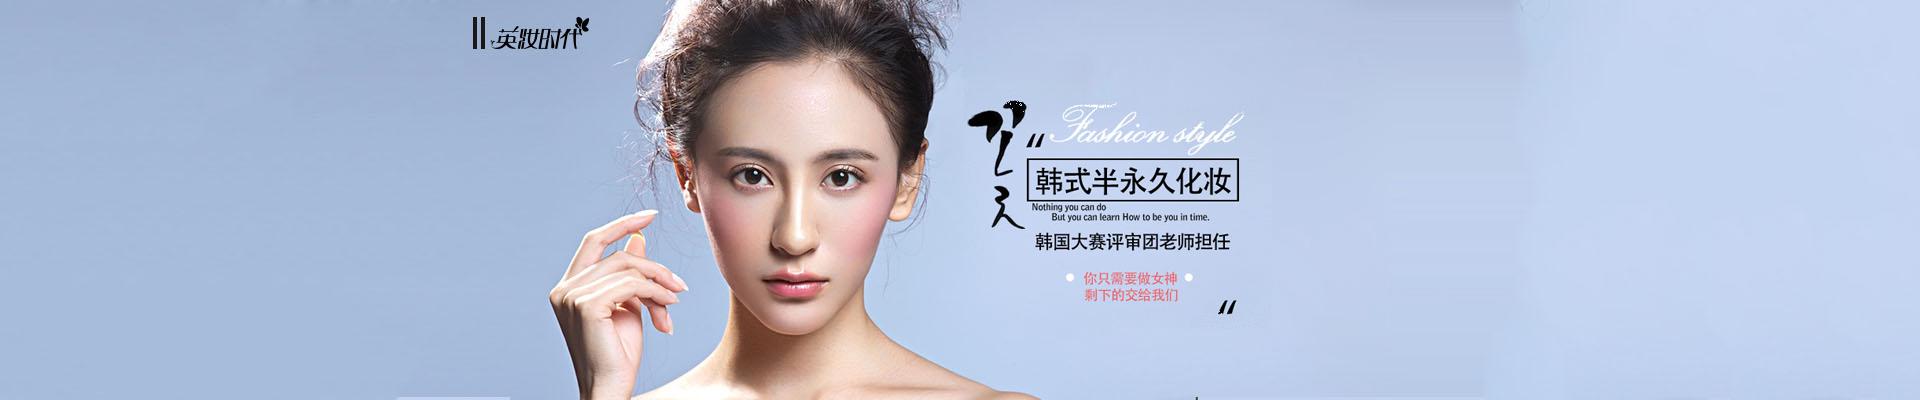 北京英妆化妆培训学校